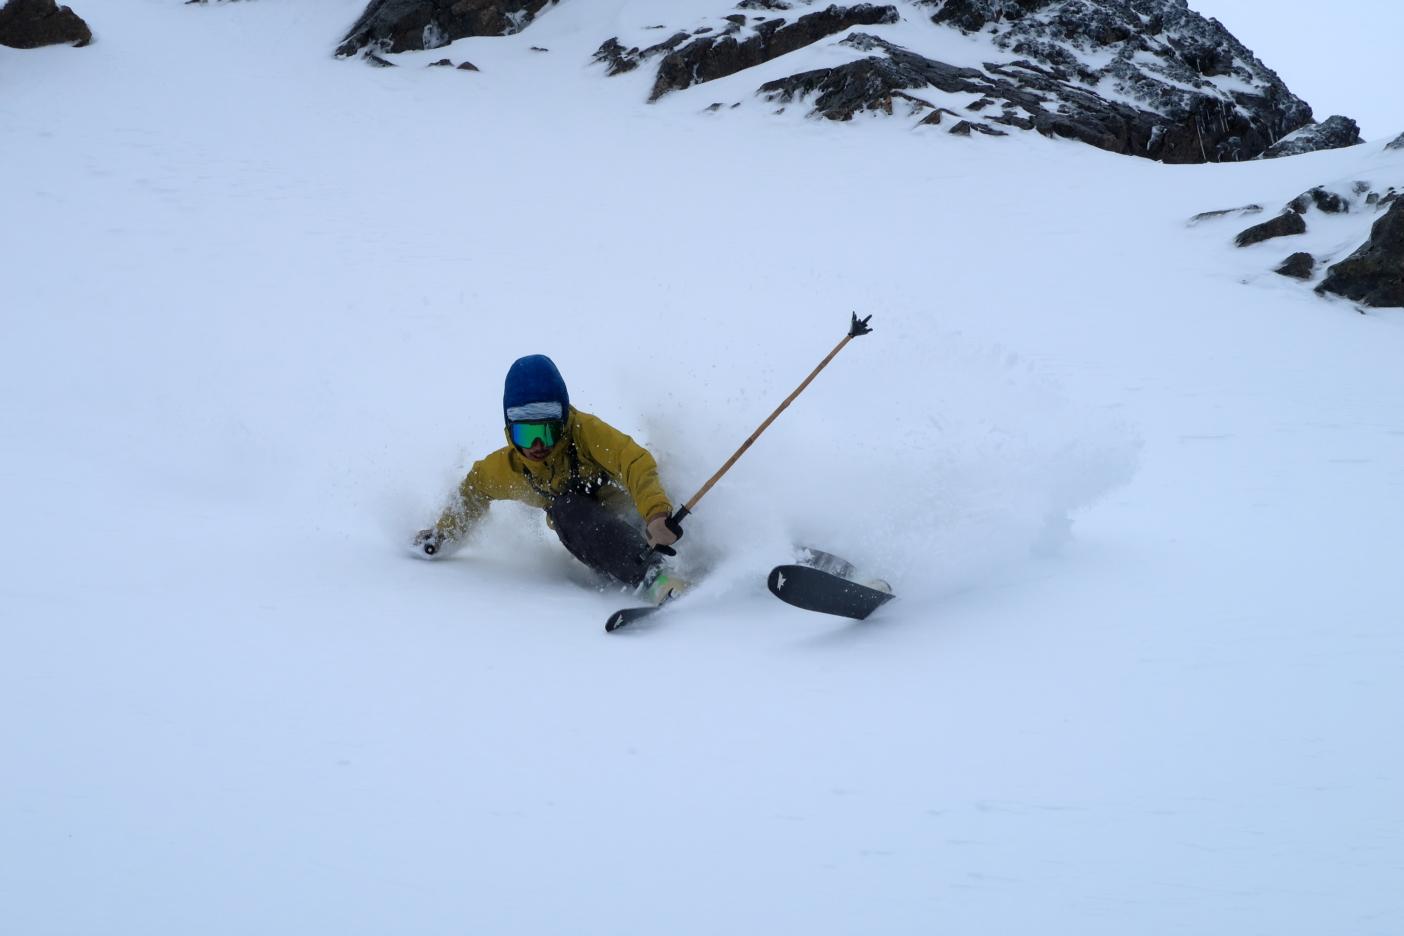 ストームの隙間を狙い新雪を踏み込む